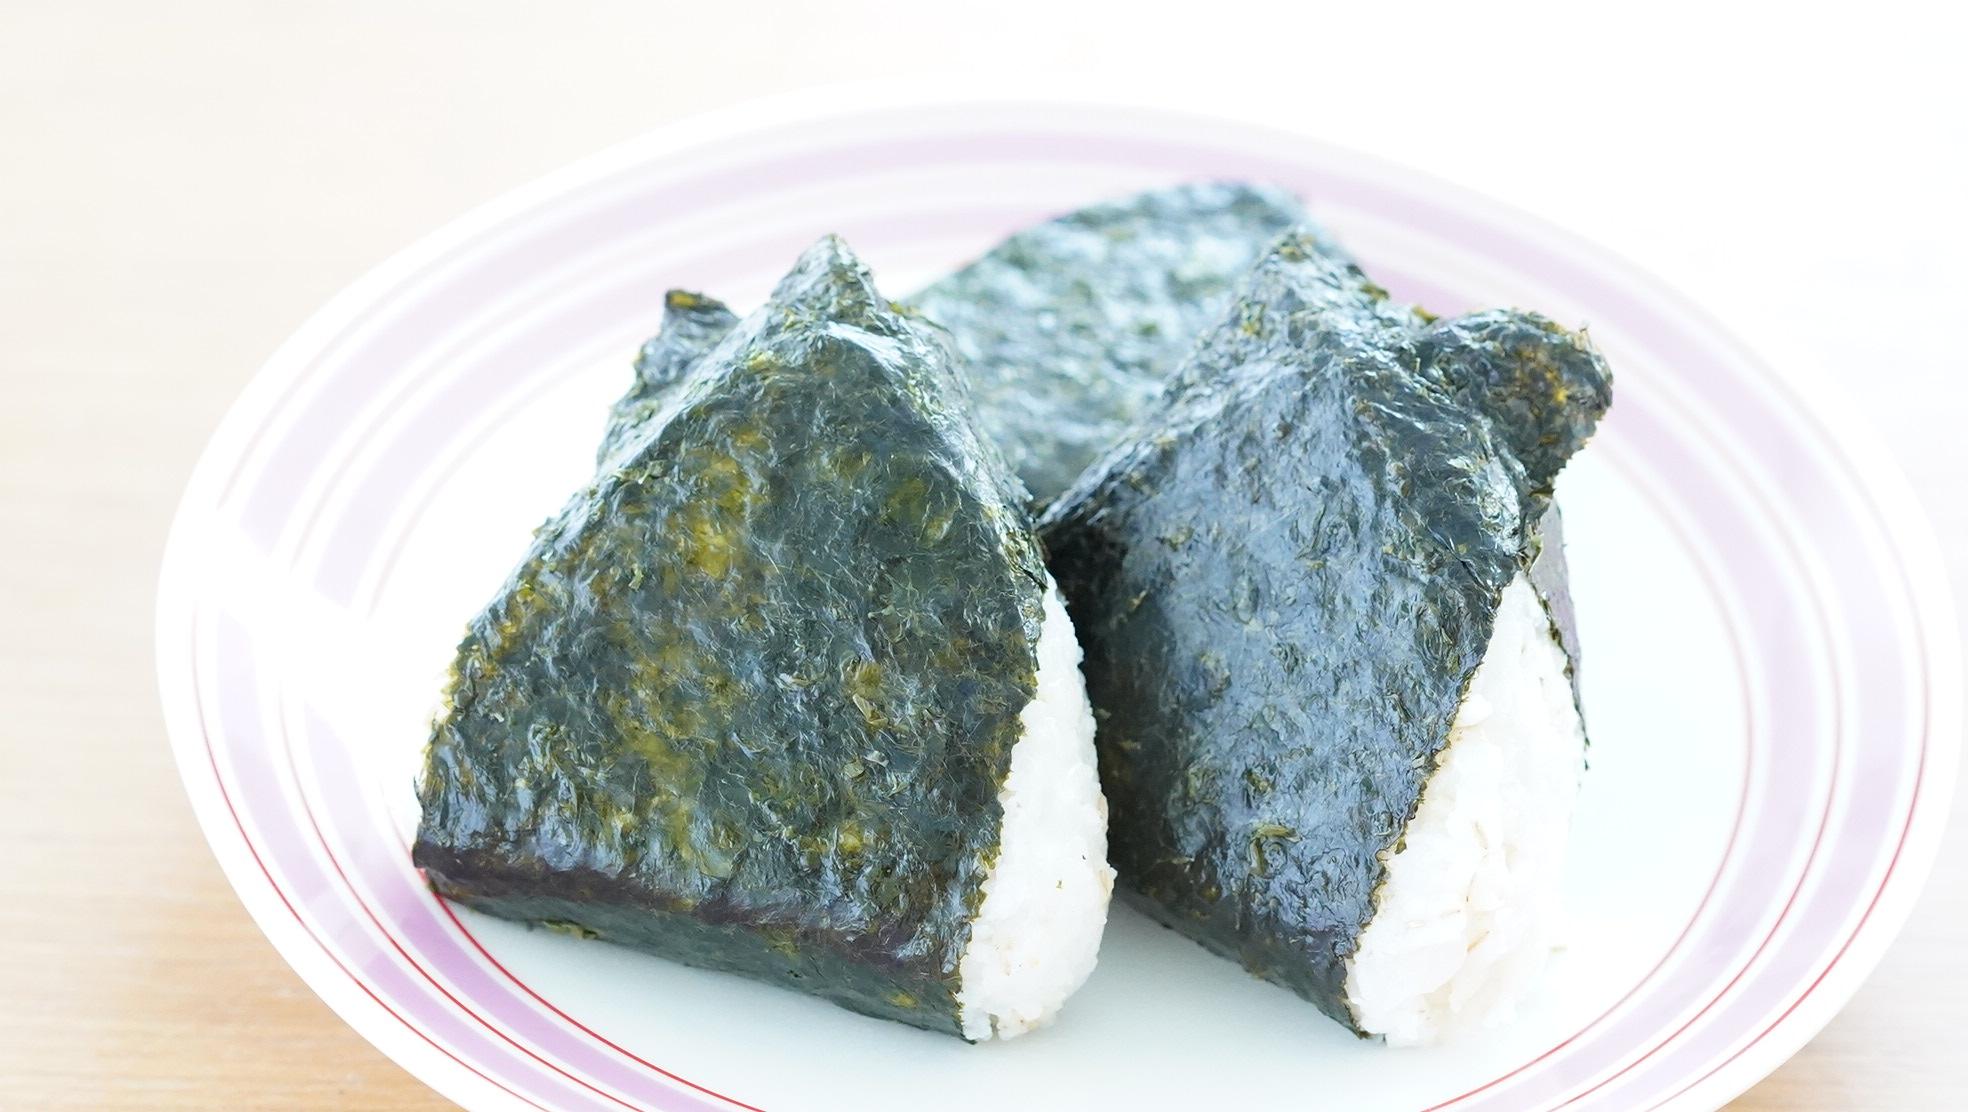 無印良品のおすすめ冷凍食品「押し麦ごはんの梅おにぎり」の写真